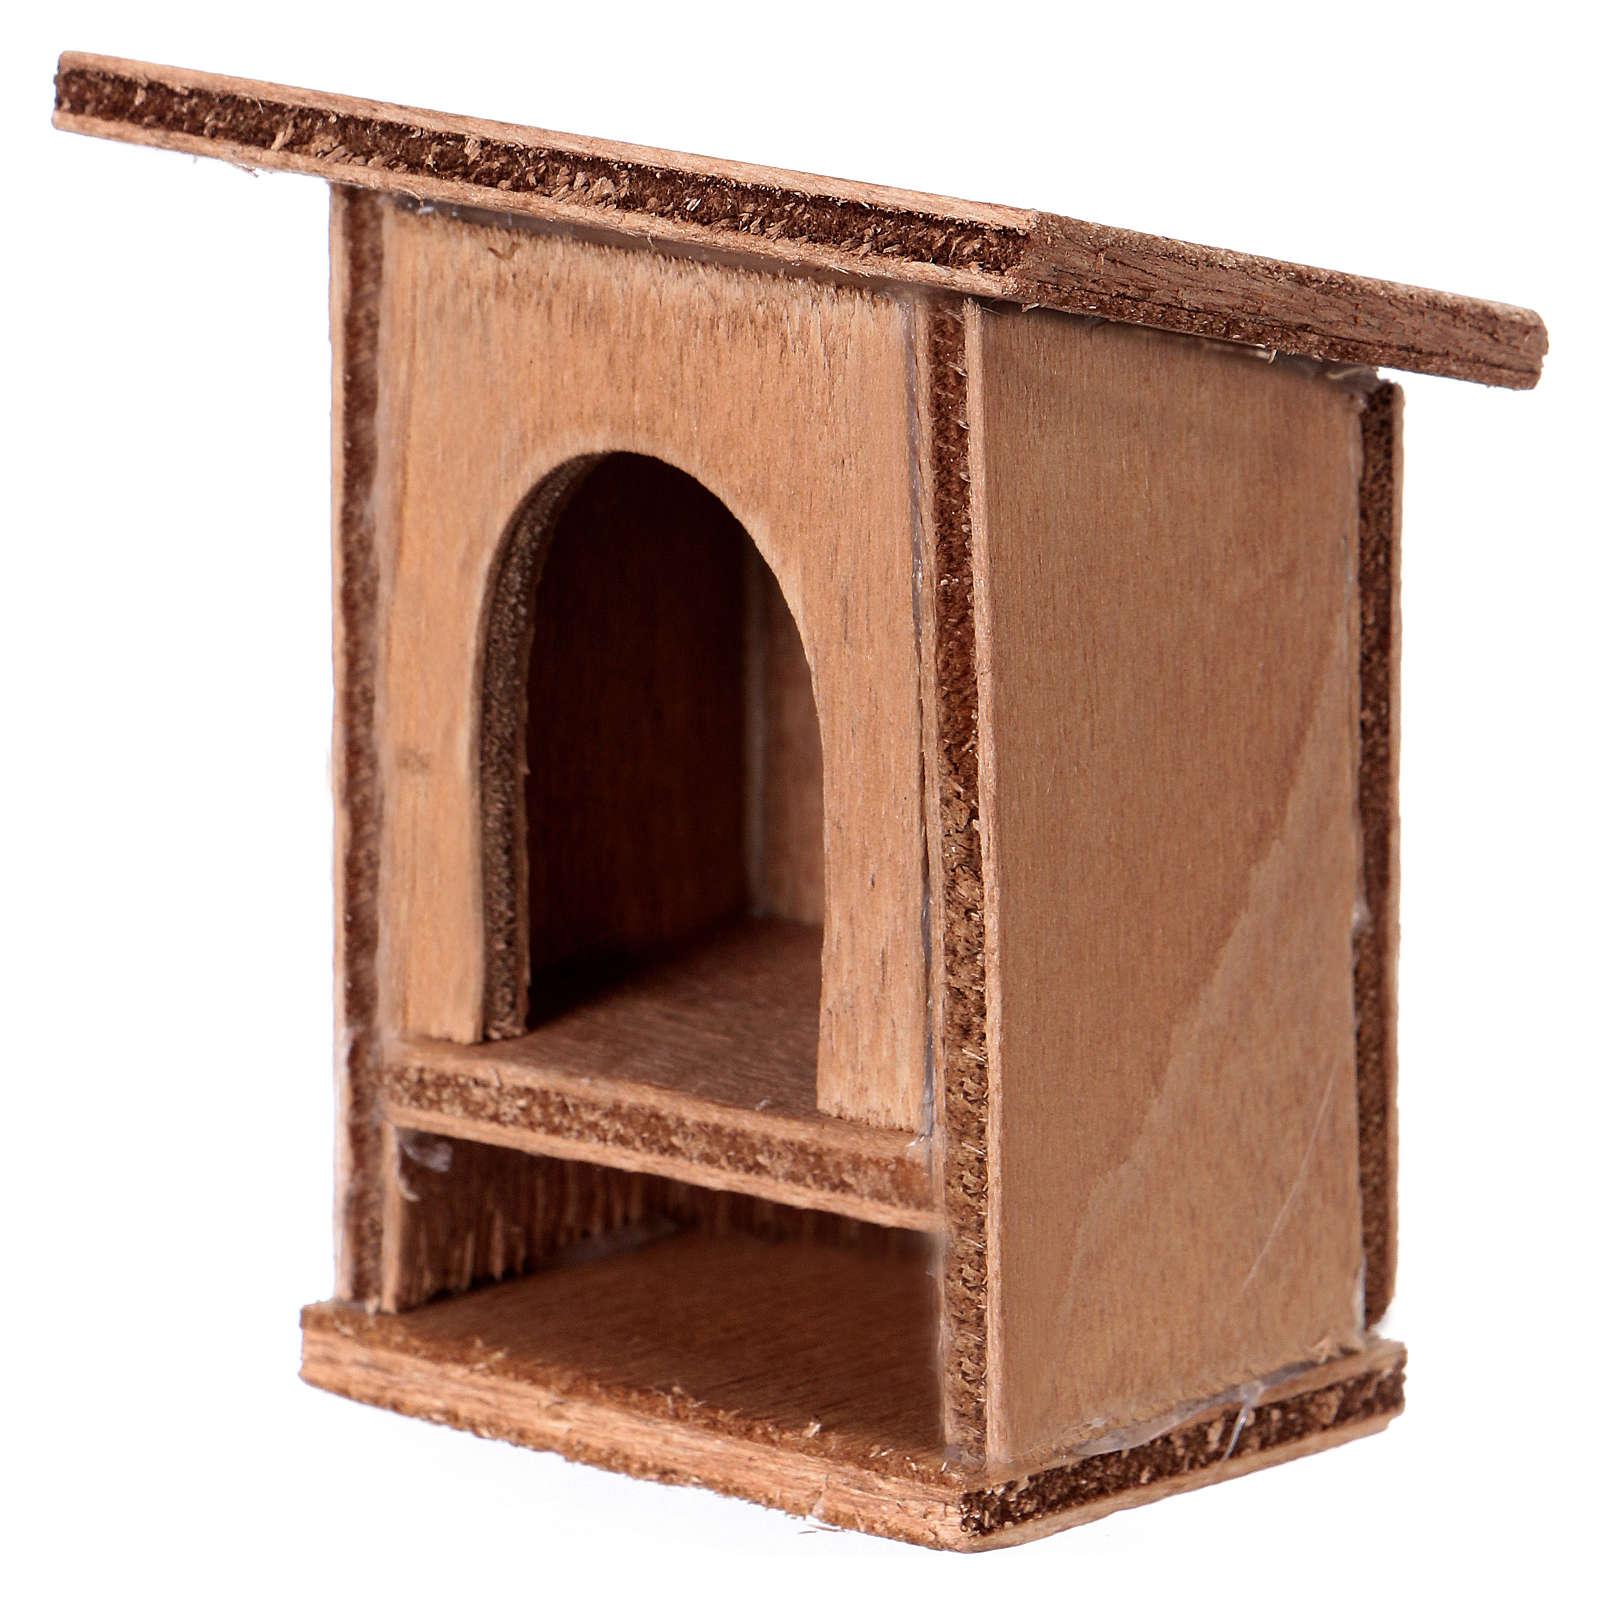 Nativity Scene accessory, wooden rabbit hutch 8 - 10cm 3